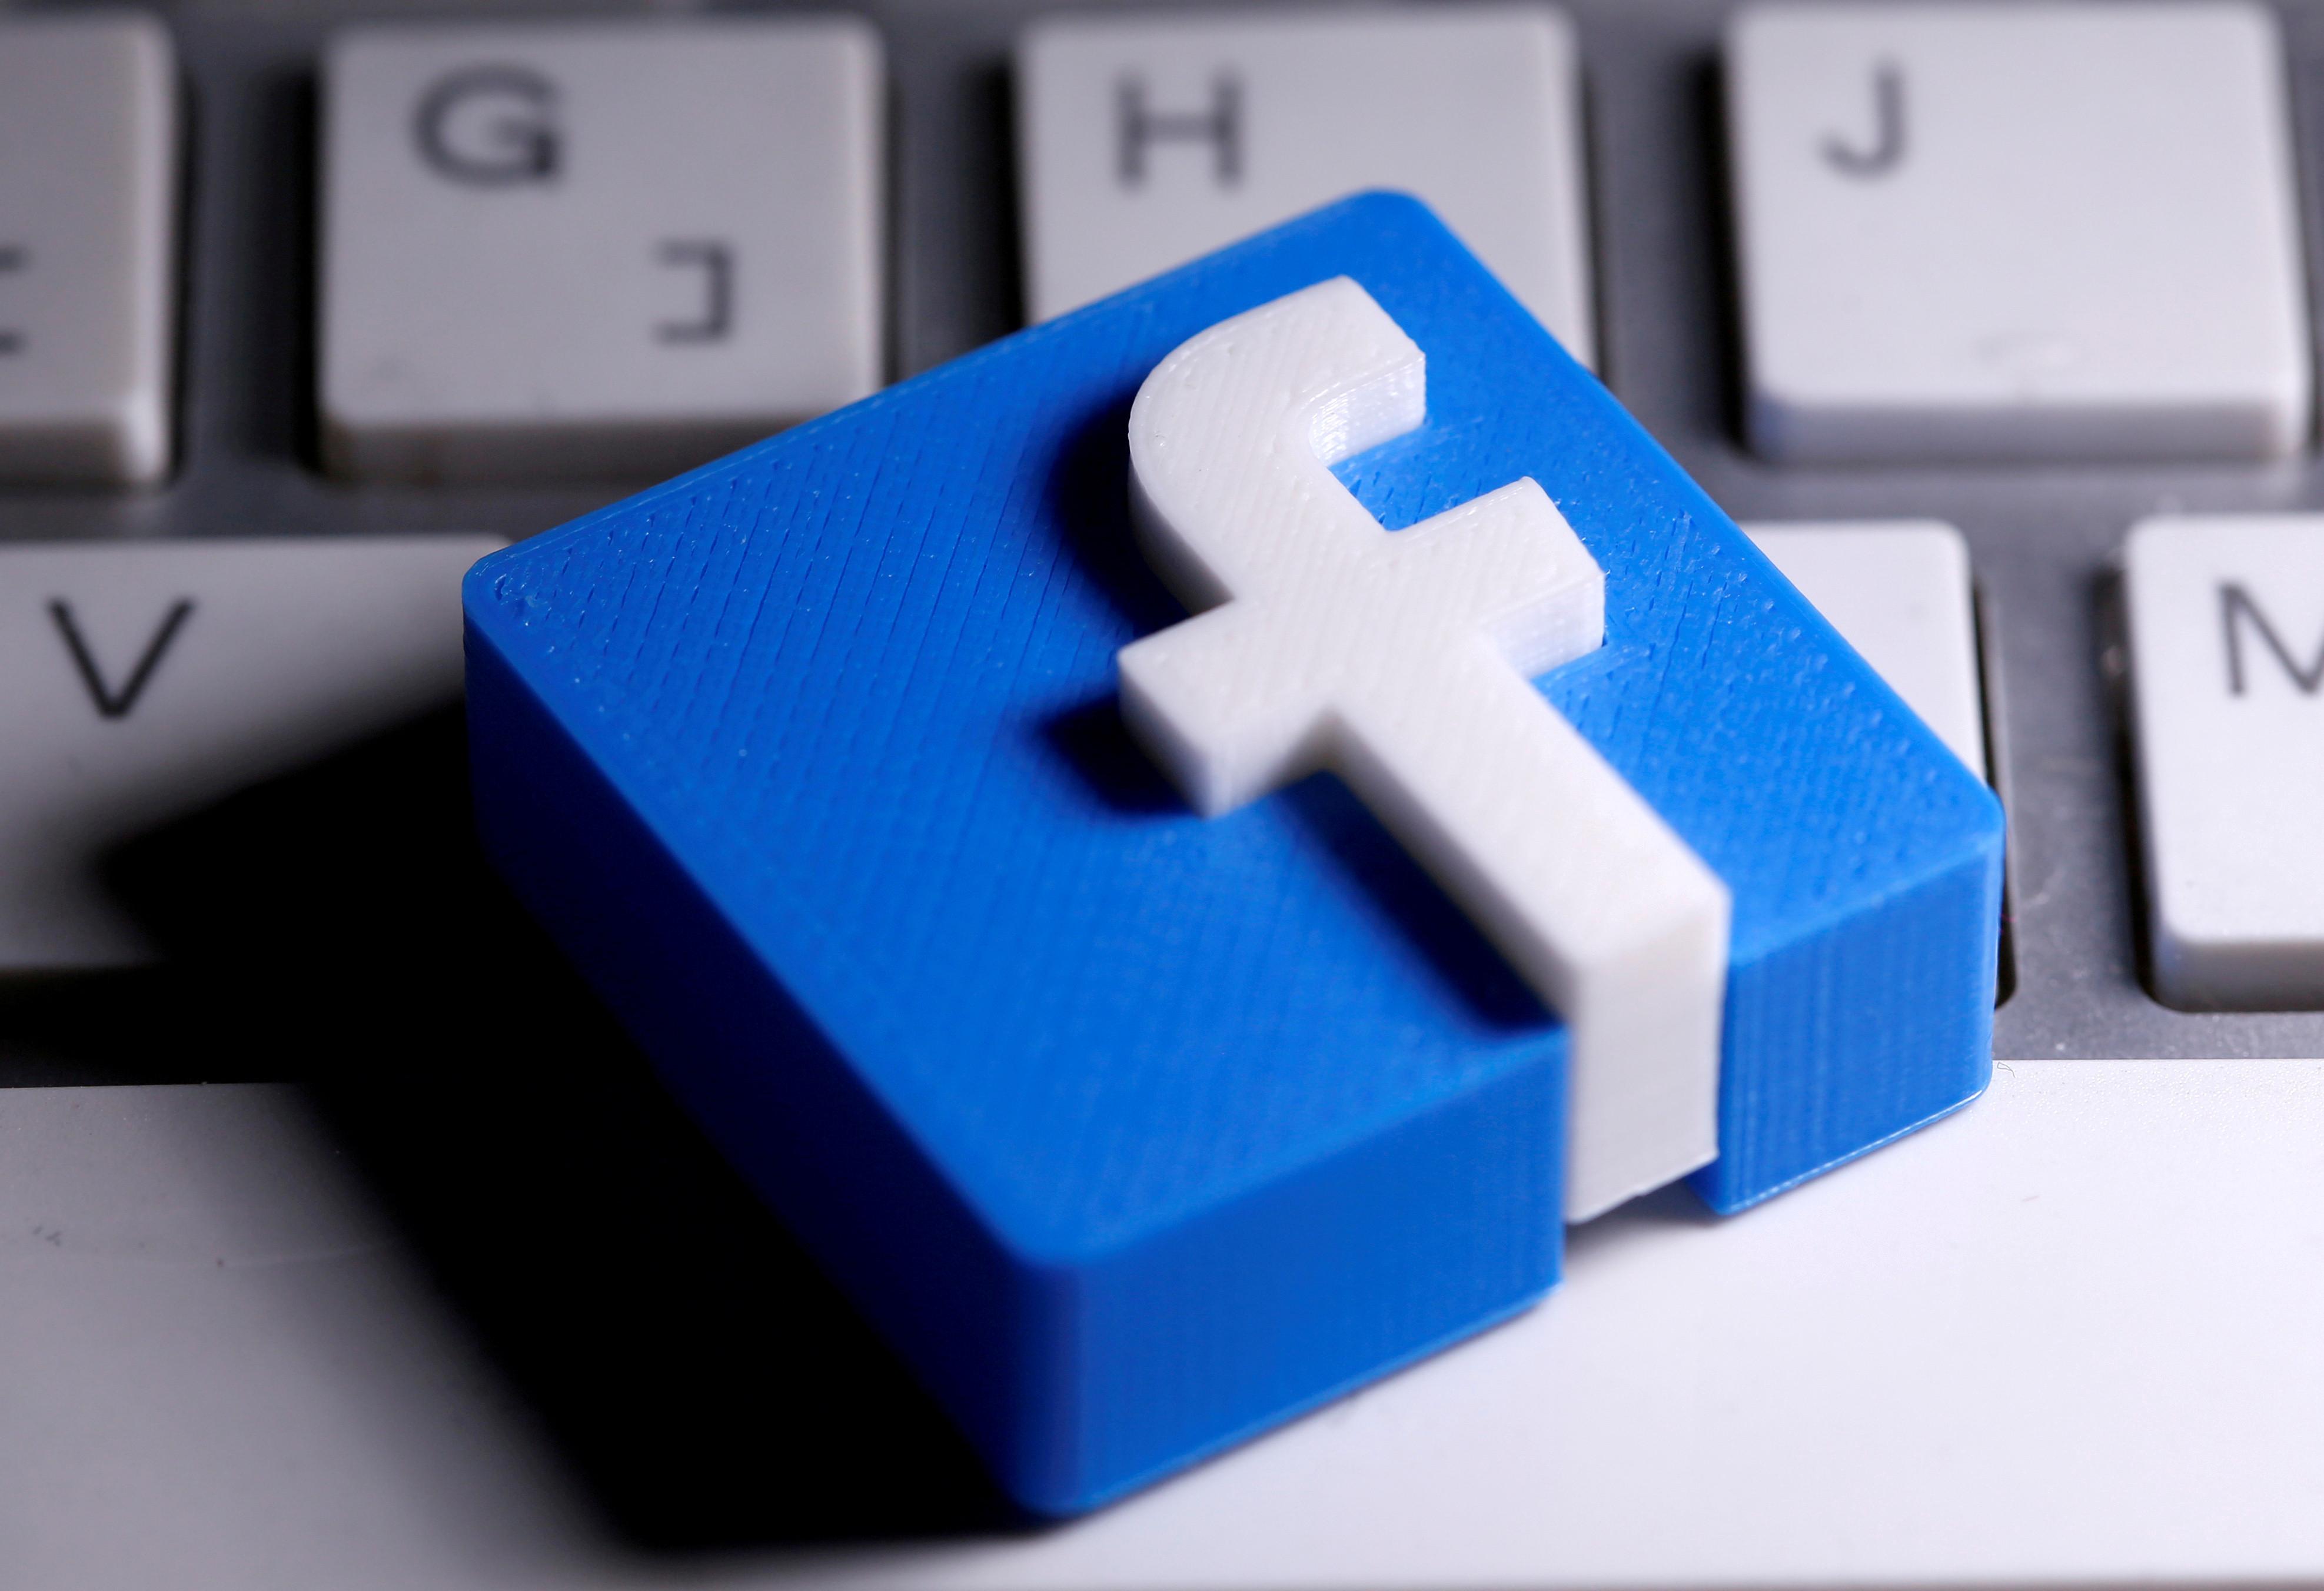 臉書,社群媒體,蔡英文,社團,娛樂八卦,高嘉瑜,徐巧芯,劉惠娟,川普,心理學,新聞,澳洲,新聞媒體,社群,網路平台,監管